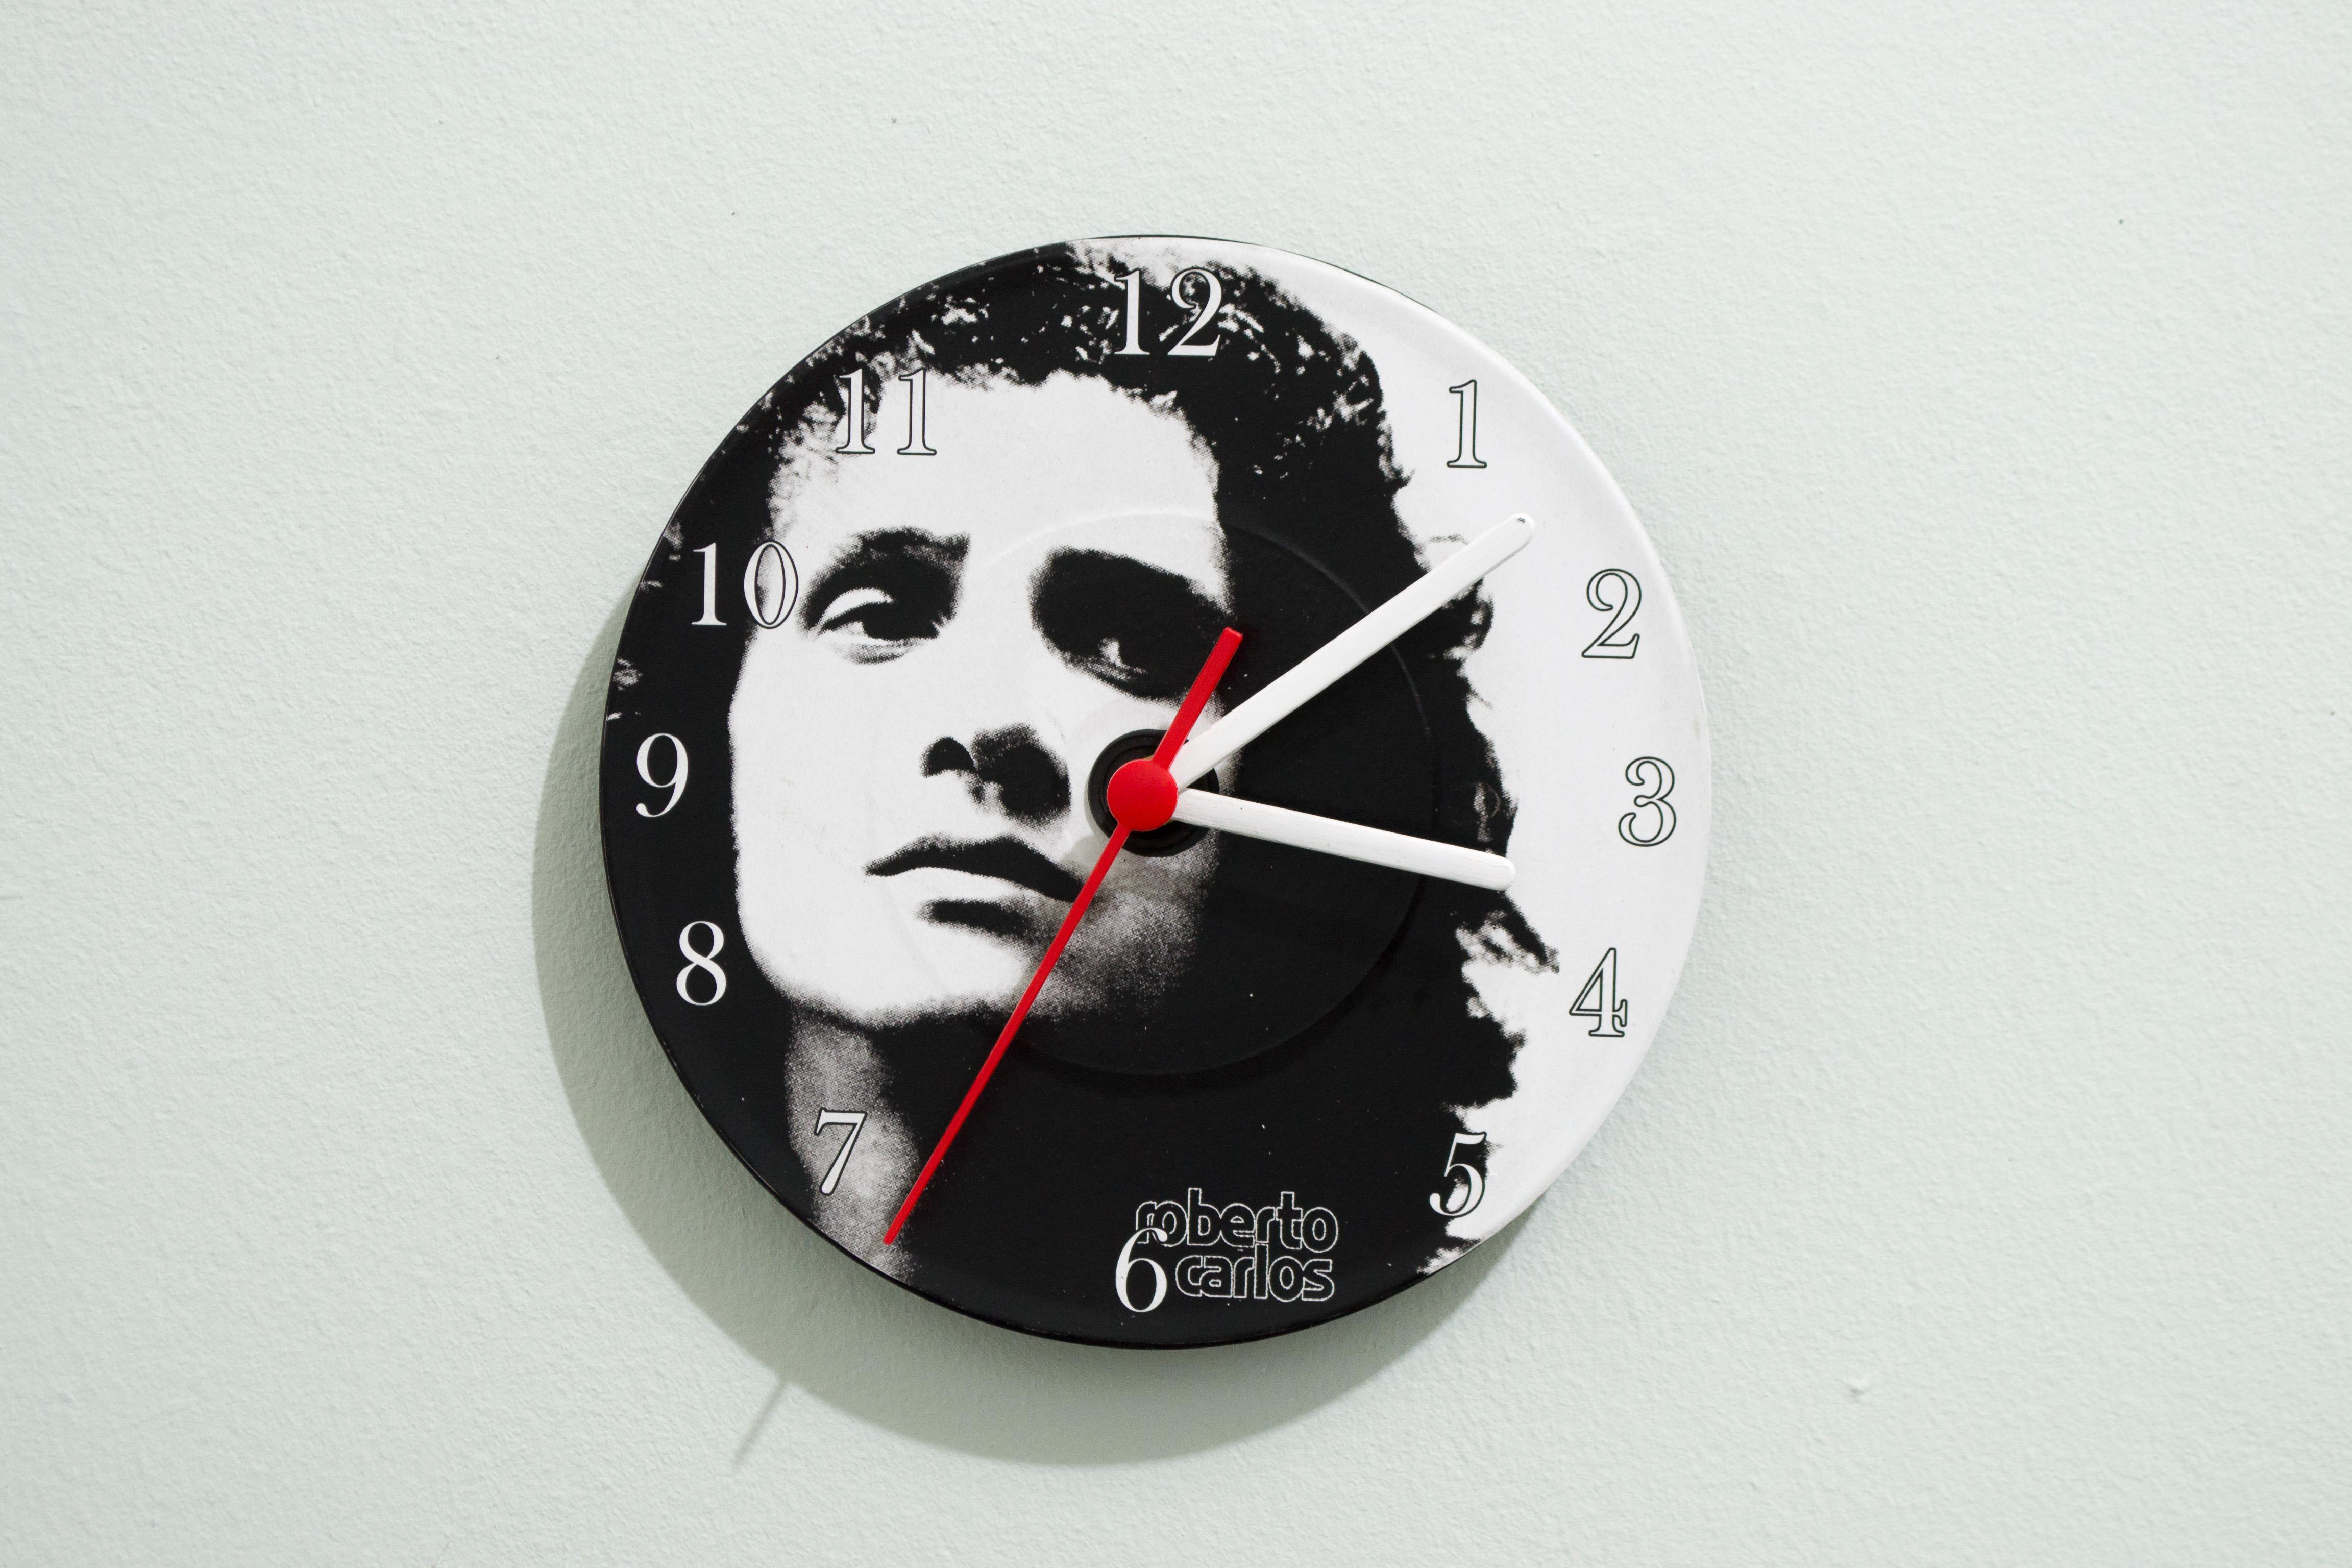 1a7bda4fef1 Relógio de Parede Roberto Carlos